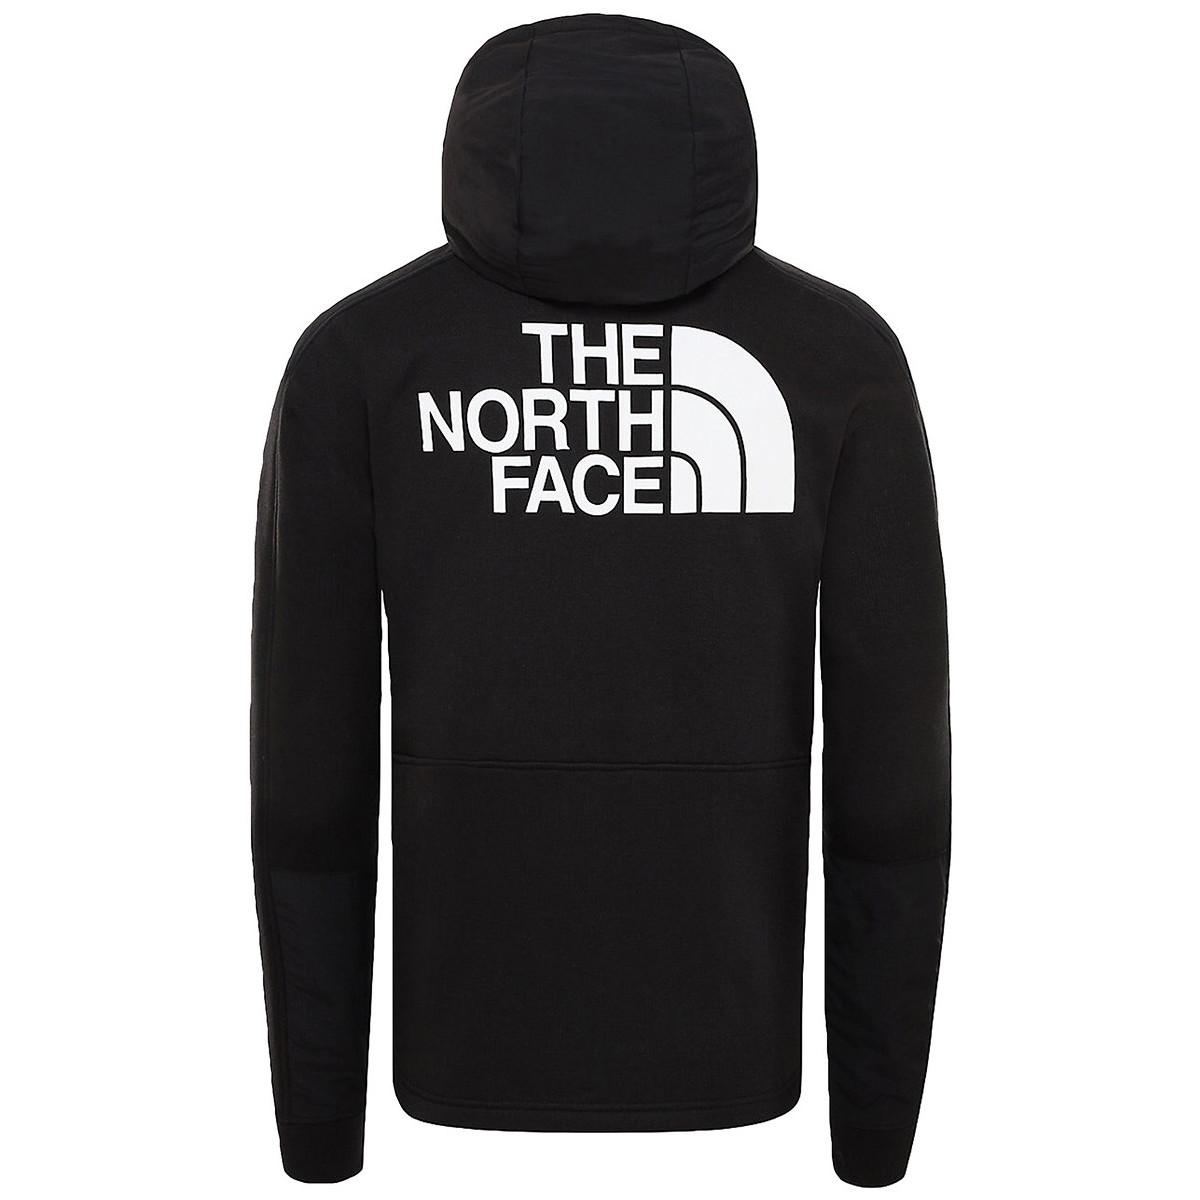 The North Face Sweater Graphic Hoodie Zip Nse in het Zwart voor heren